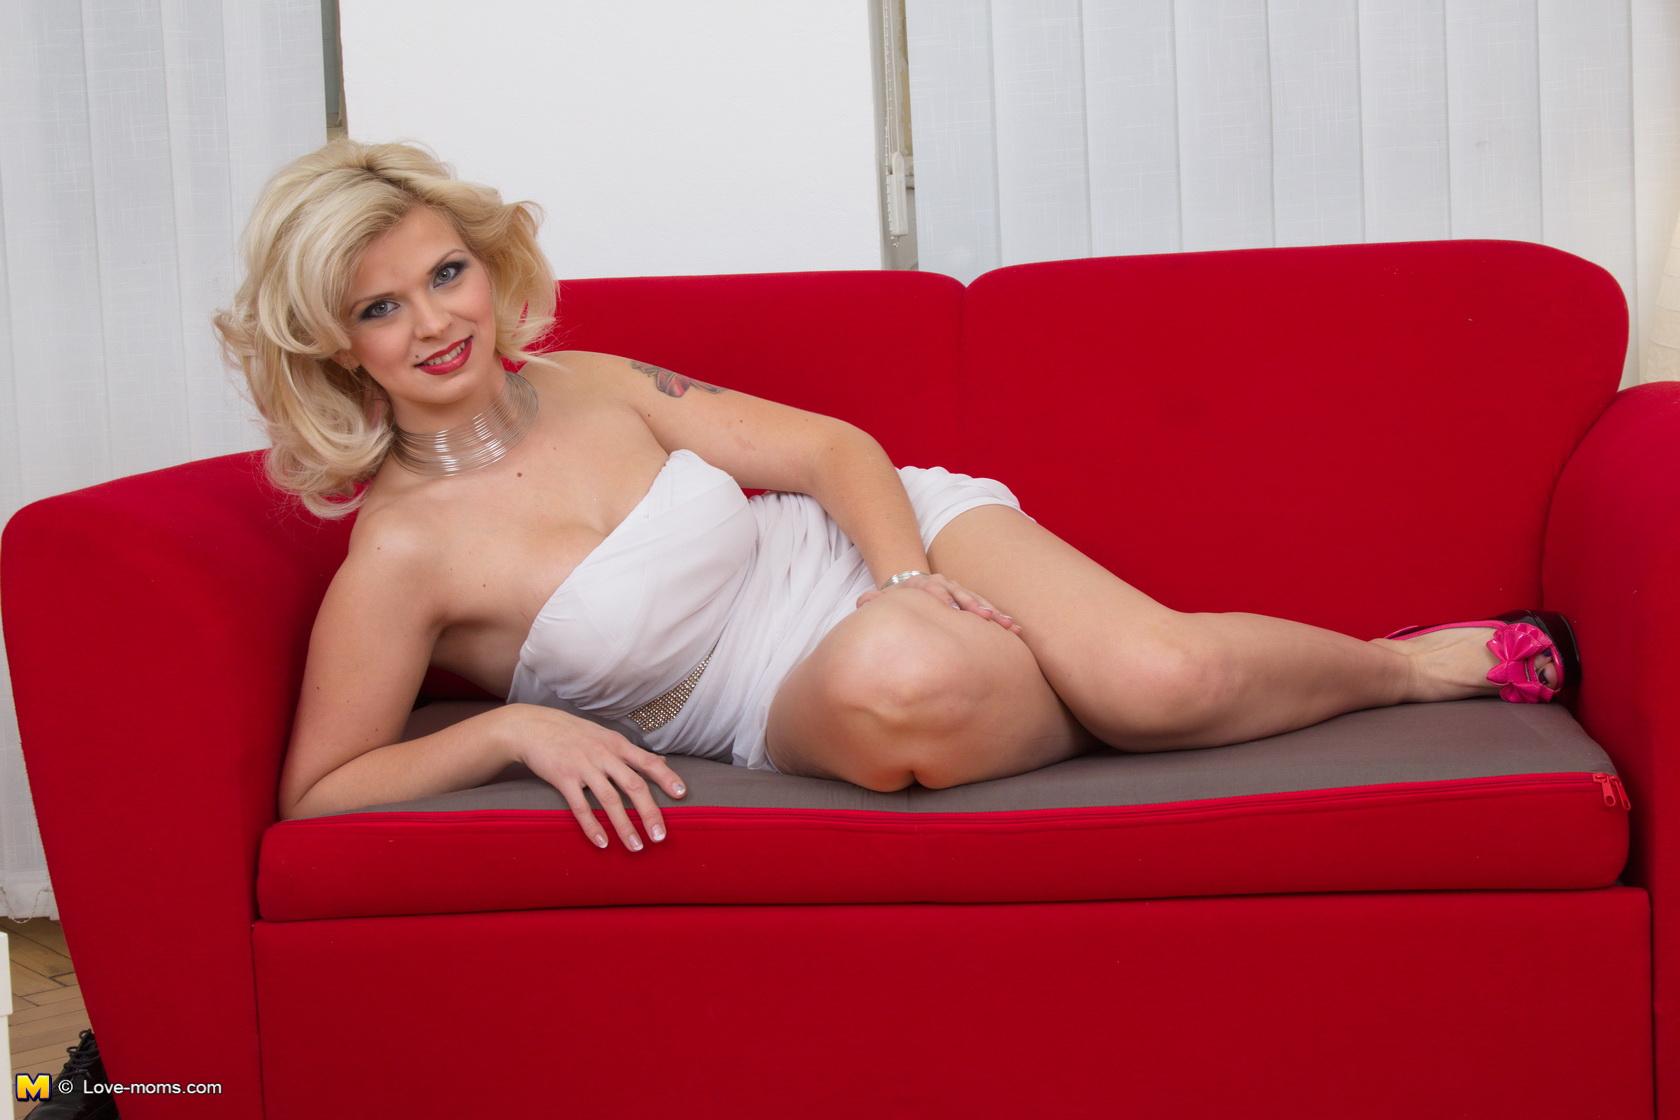 Brunette sex in stockings